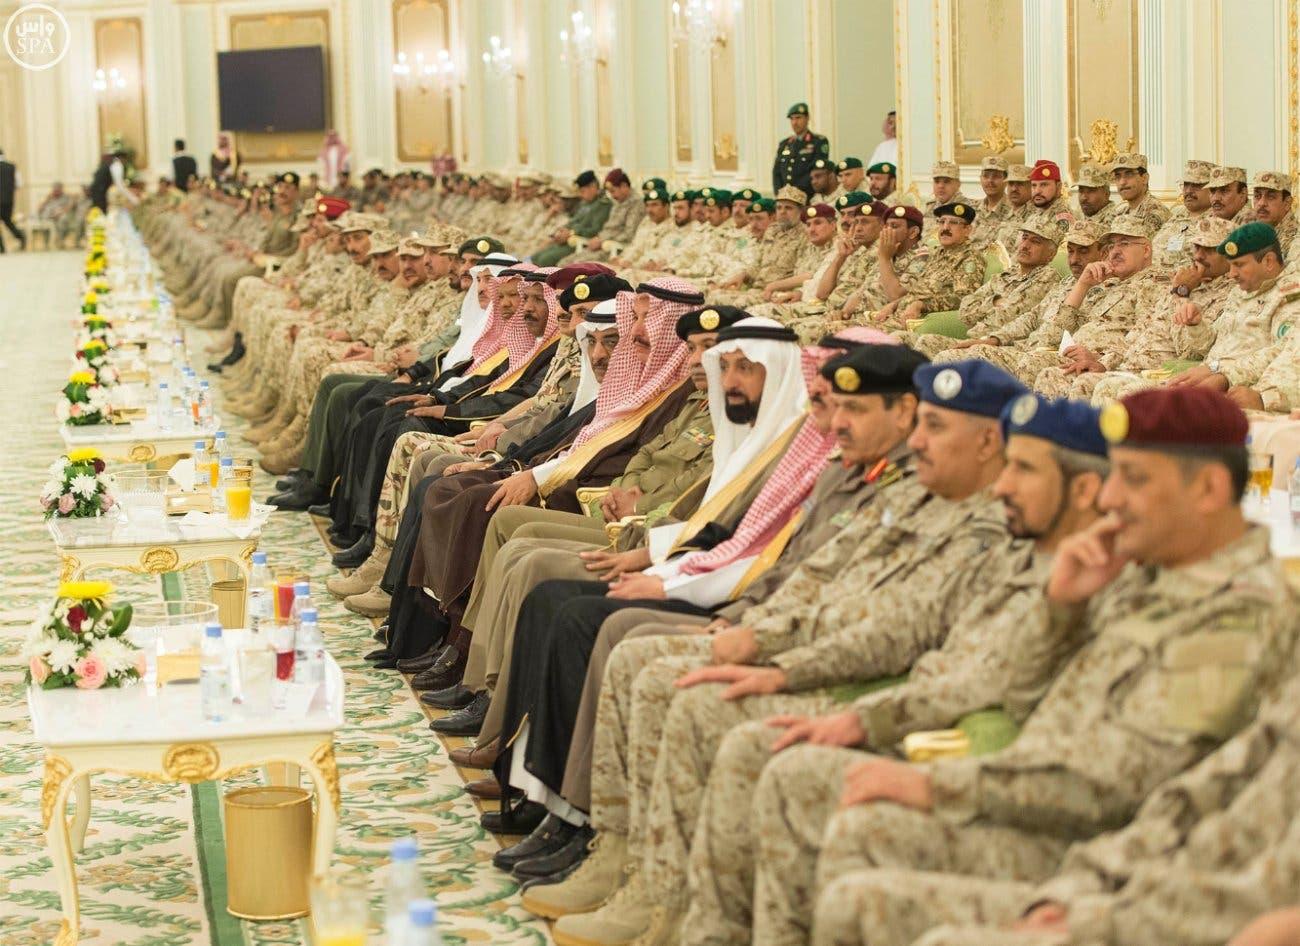 #الملك_سلمان يستقبل قادة وكبار الضباط العسكريين C4f06e1c-f998-4237-94f4-fc8417bd68e6